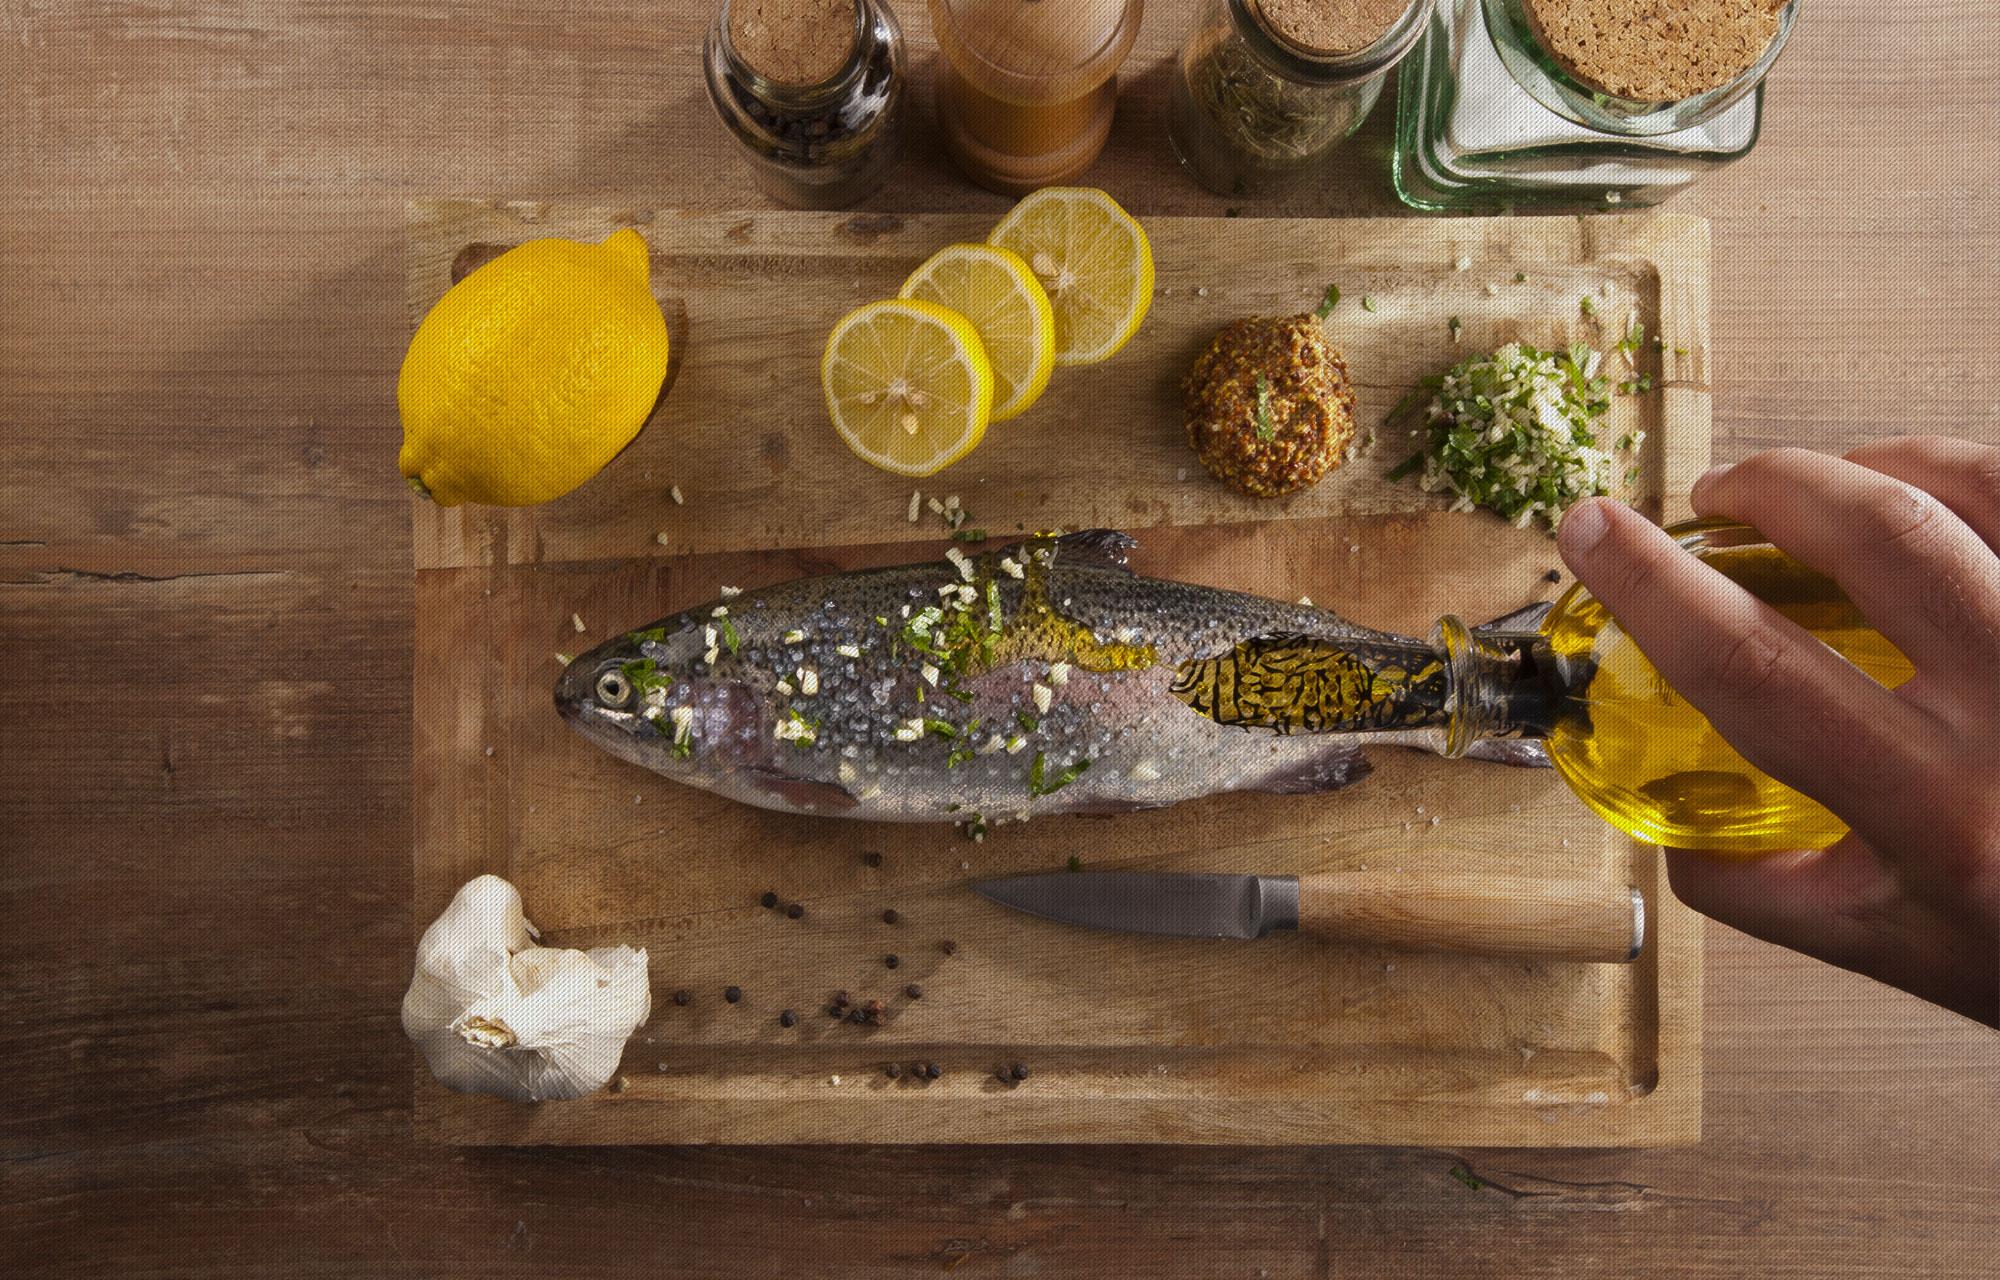 Gîte Évolutions cuisine maison artisanale